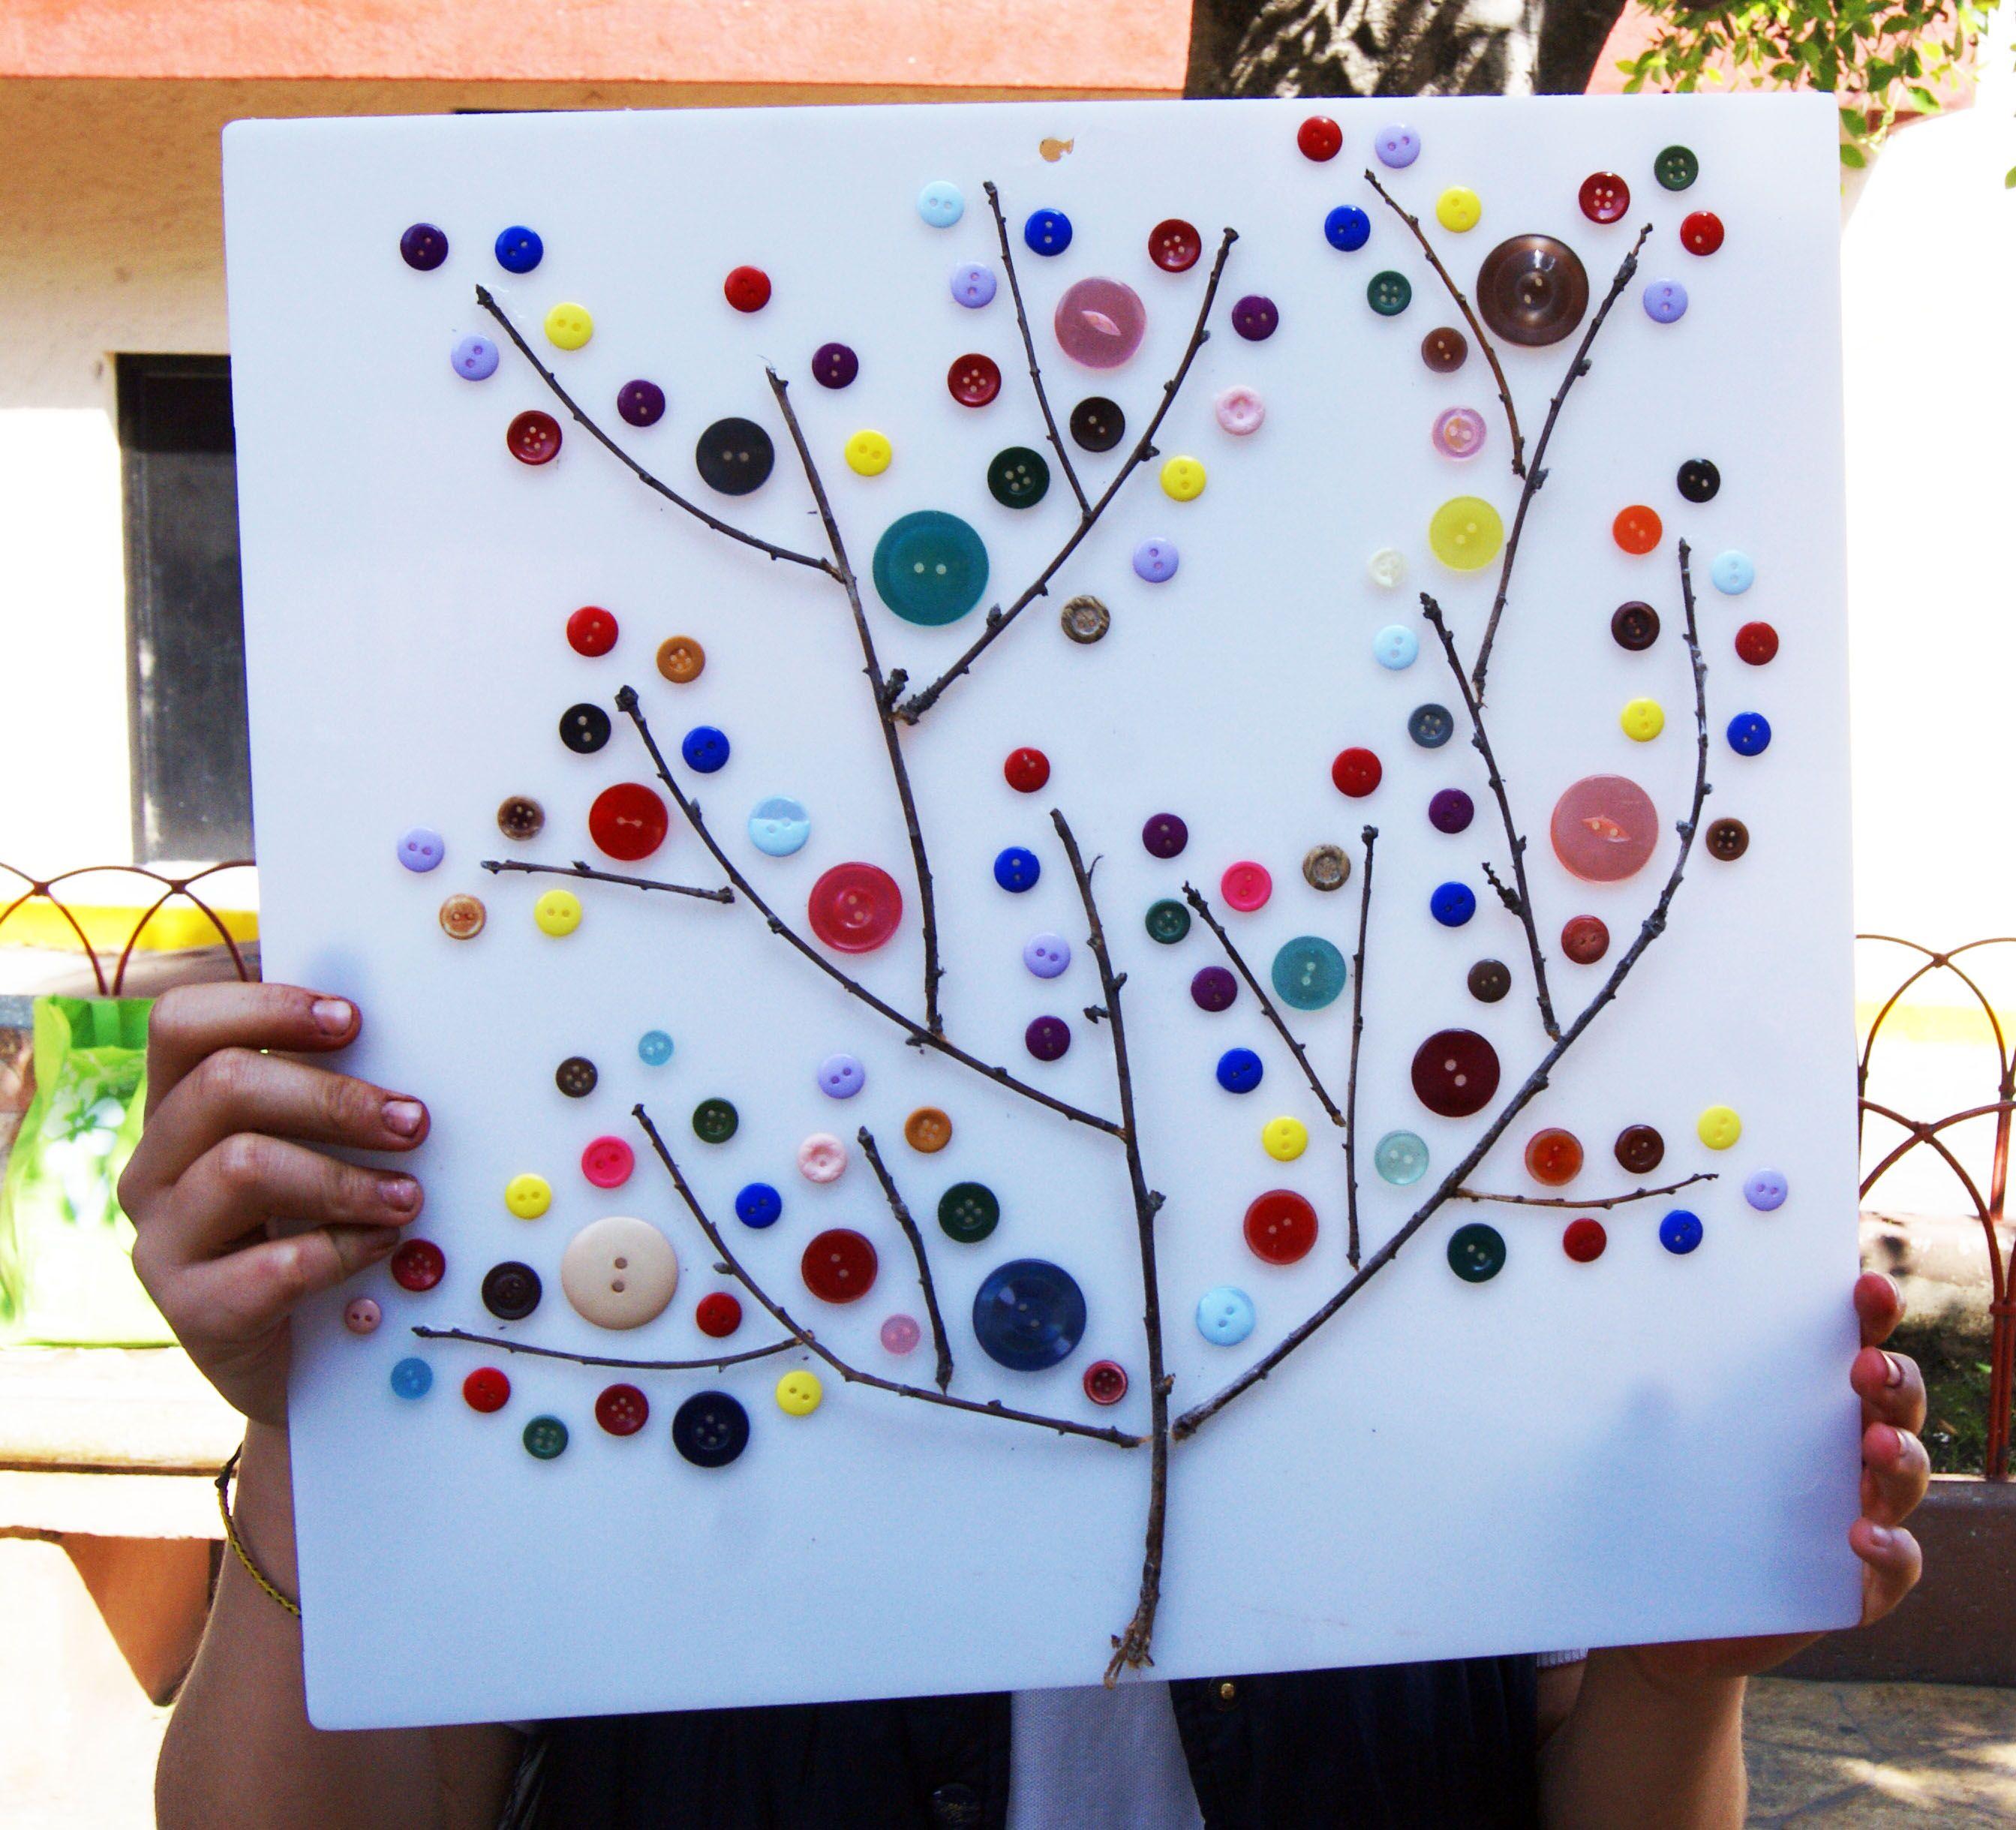 Rbol de botones reciclados echo con ramas recicladas - Ramas de arboles ...